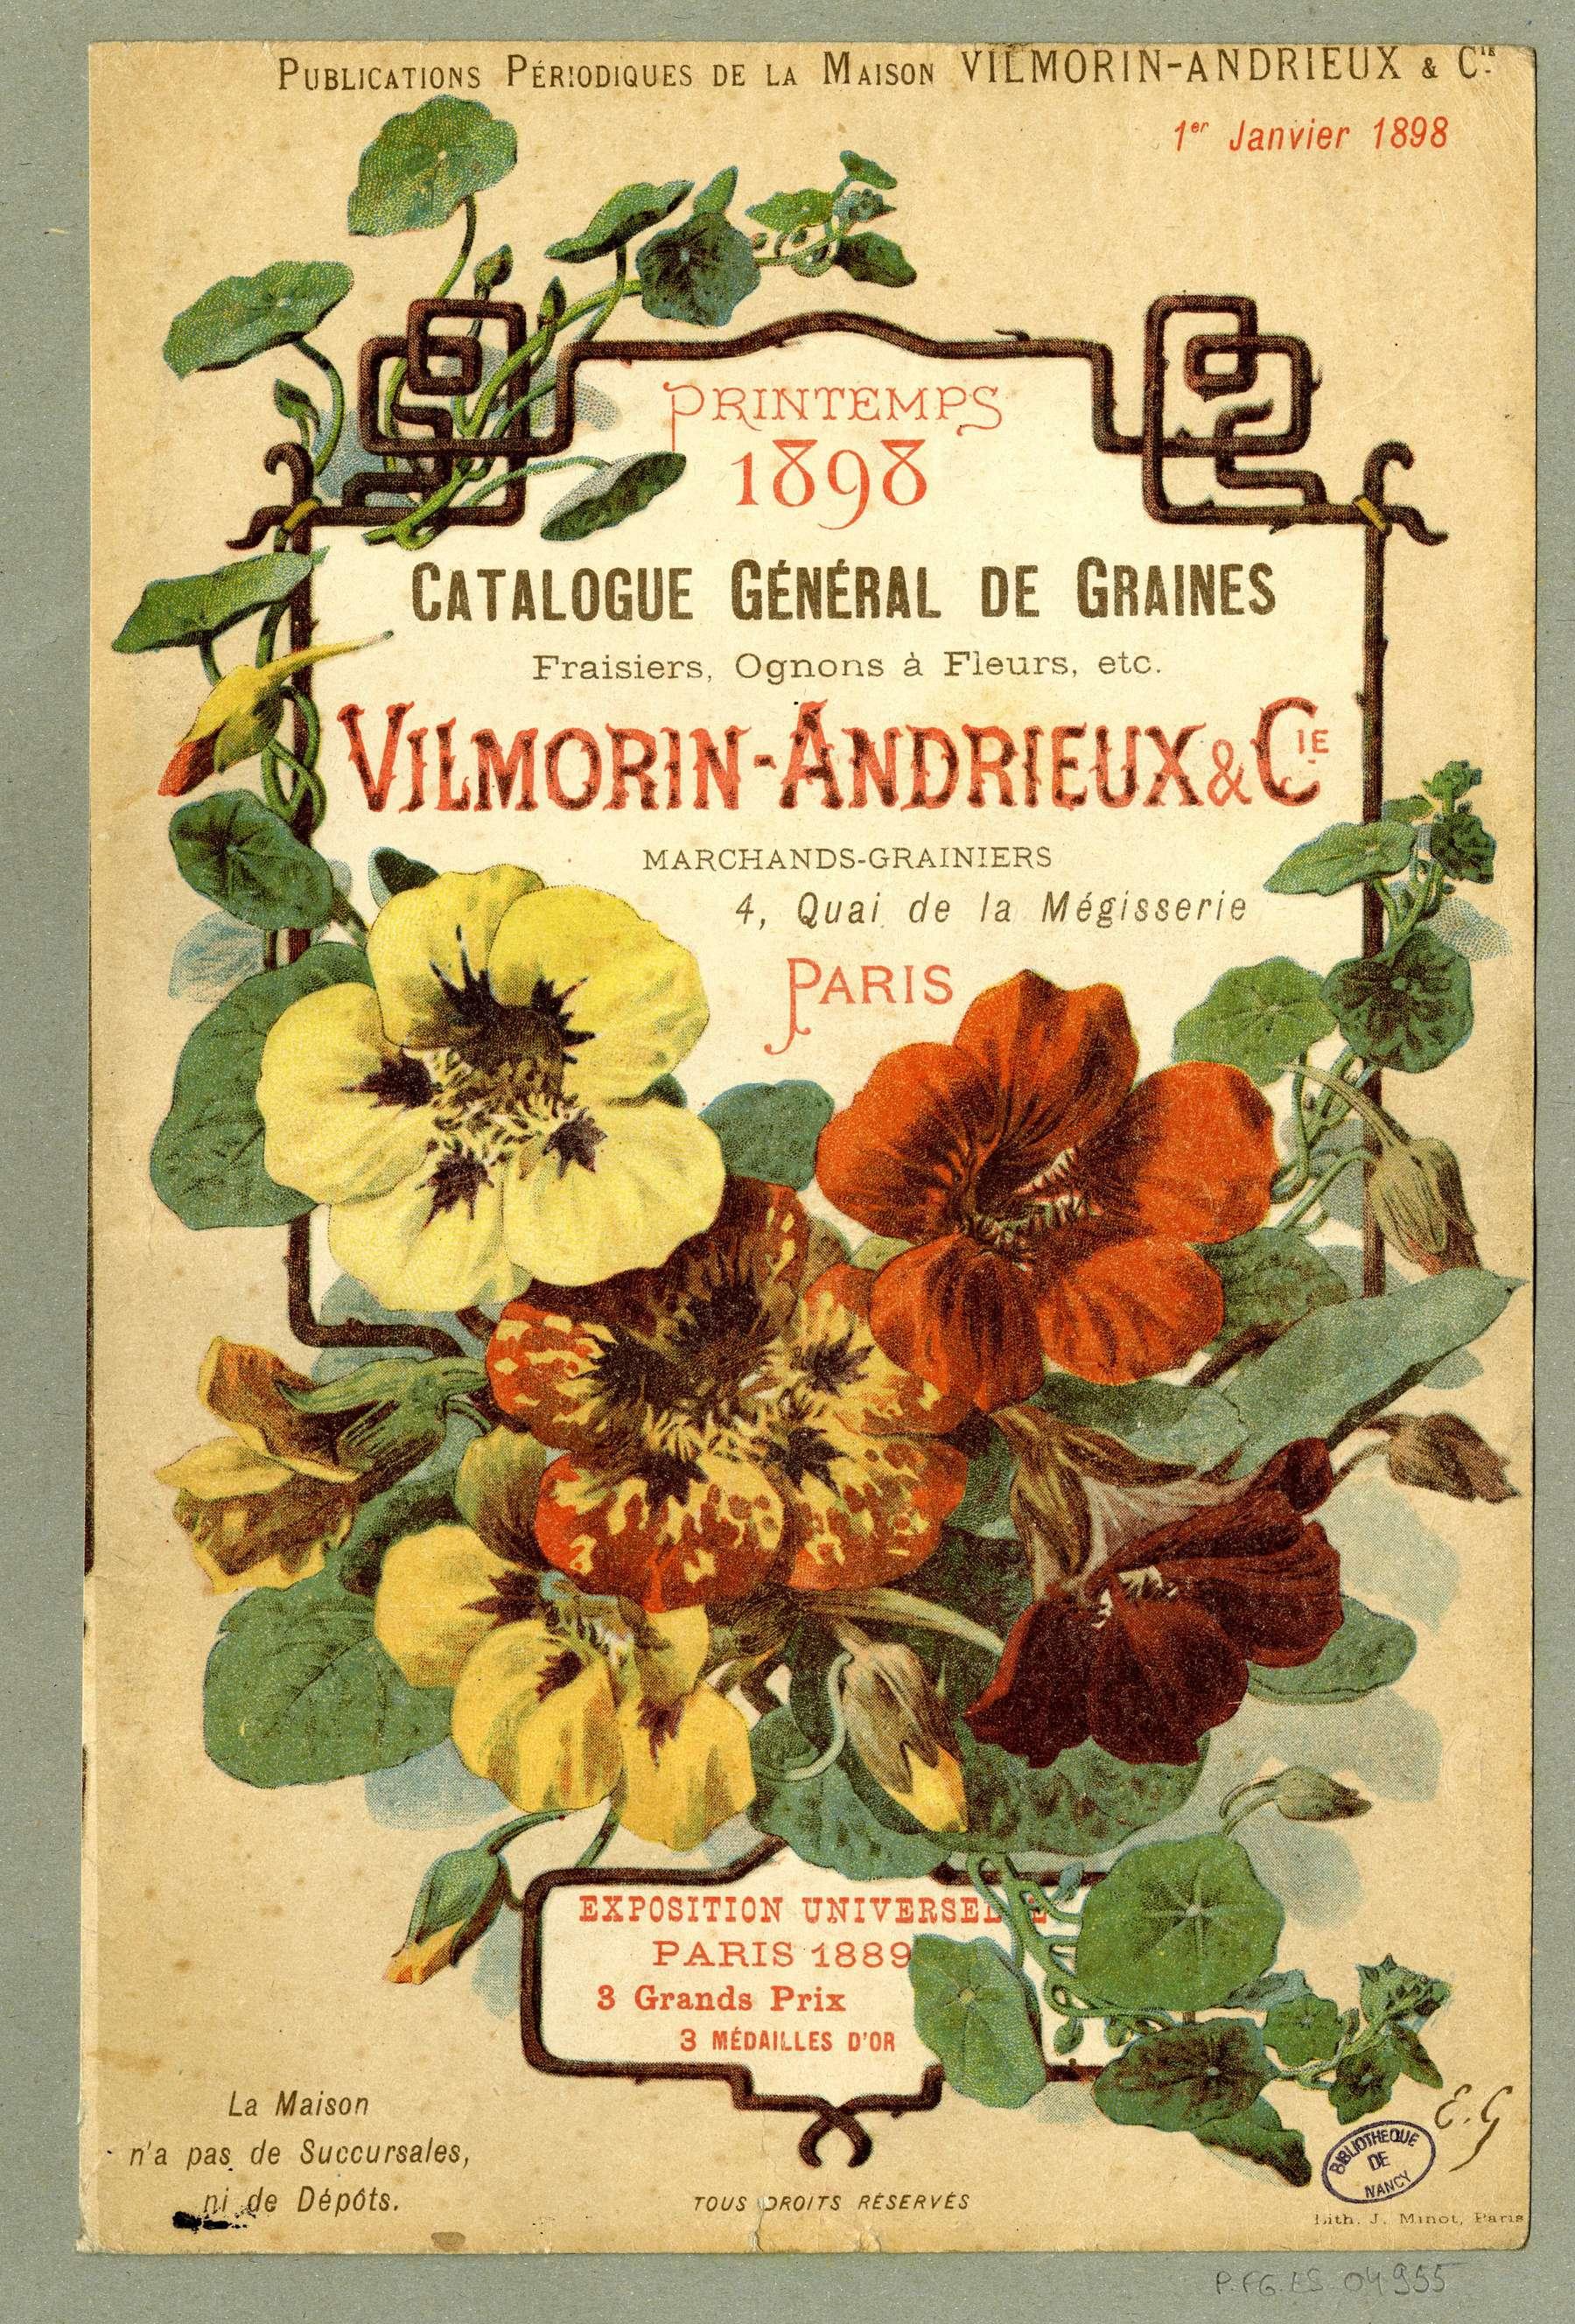 Contenu du Catalogue général de graines